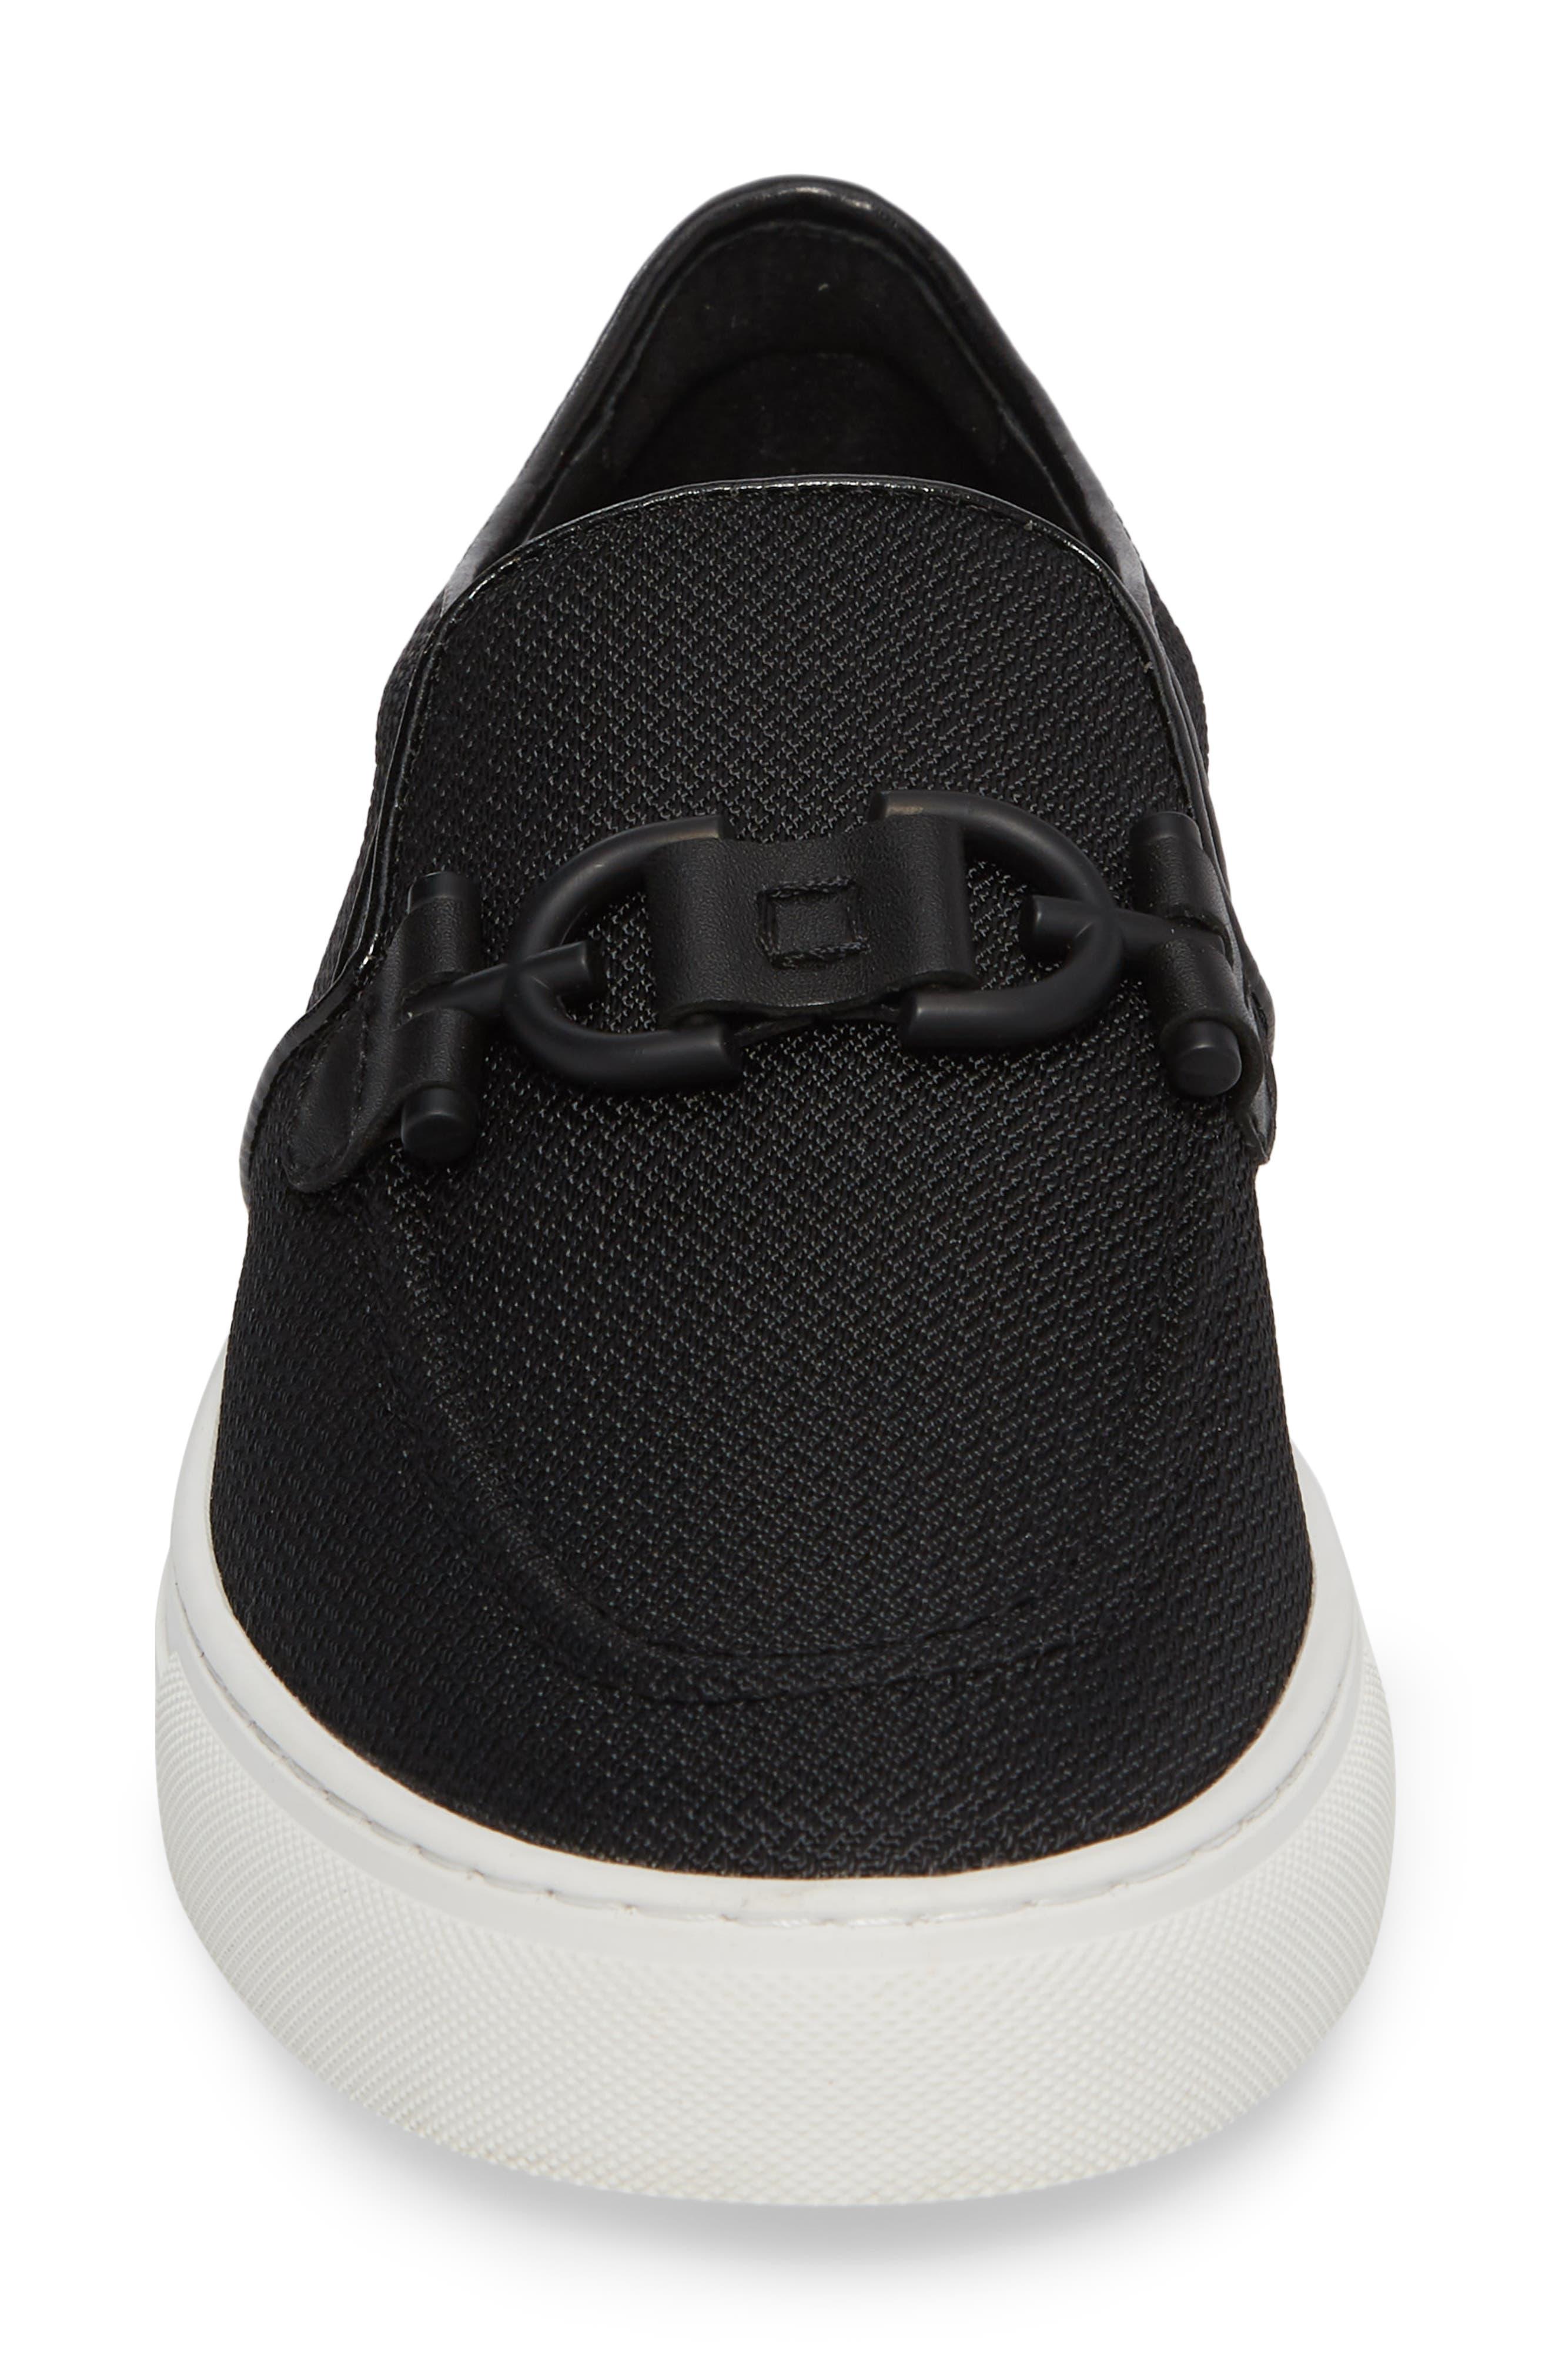 Andor Bit Slip-On Sneaker,                             Alternate thumbnail 4, color,                             Black Mesh